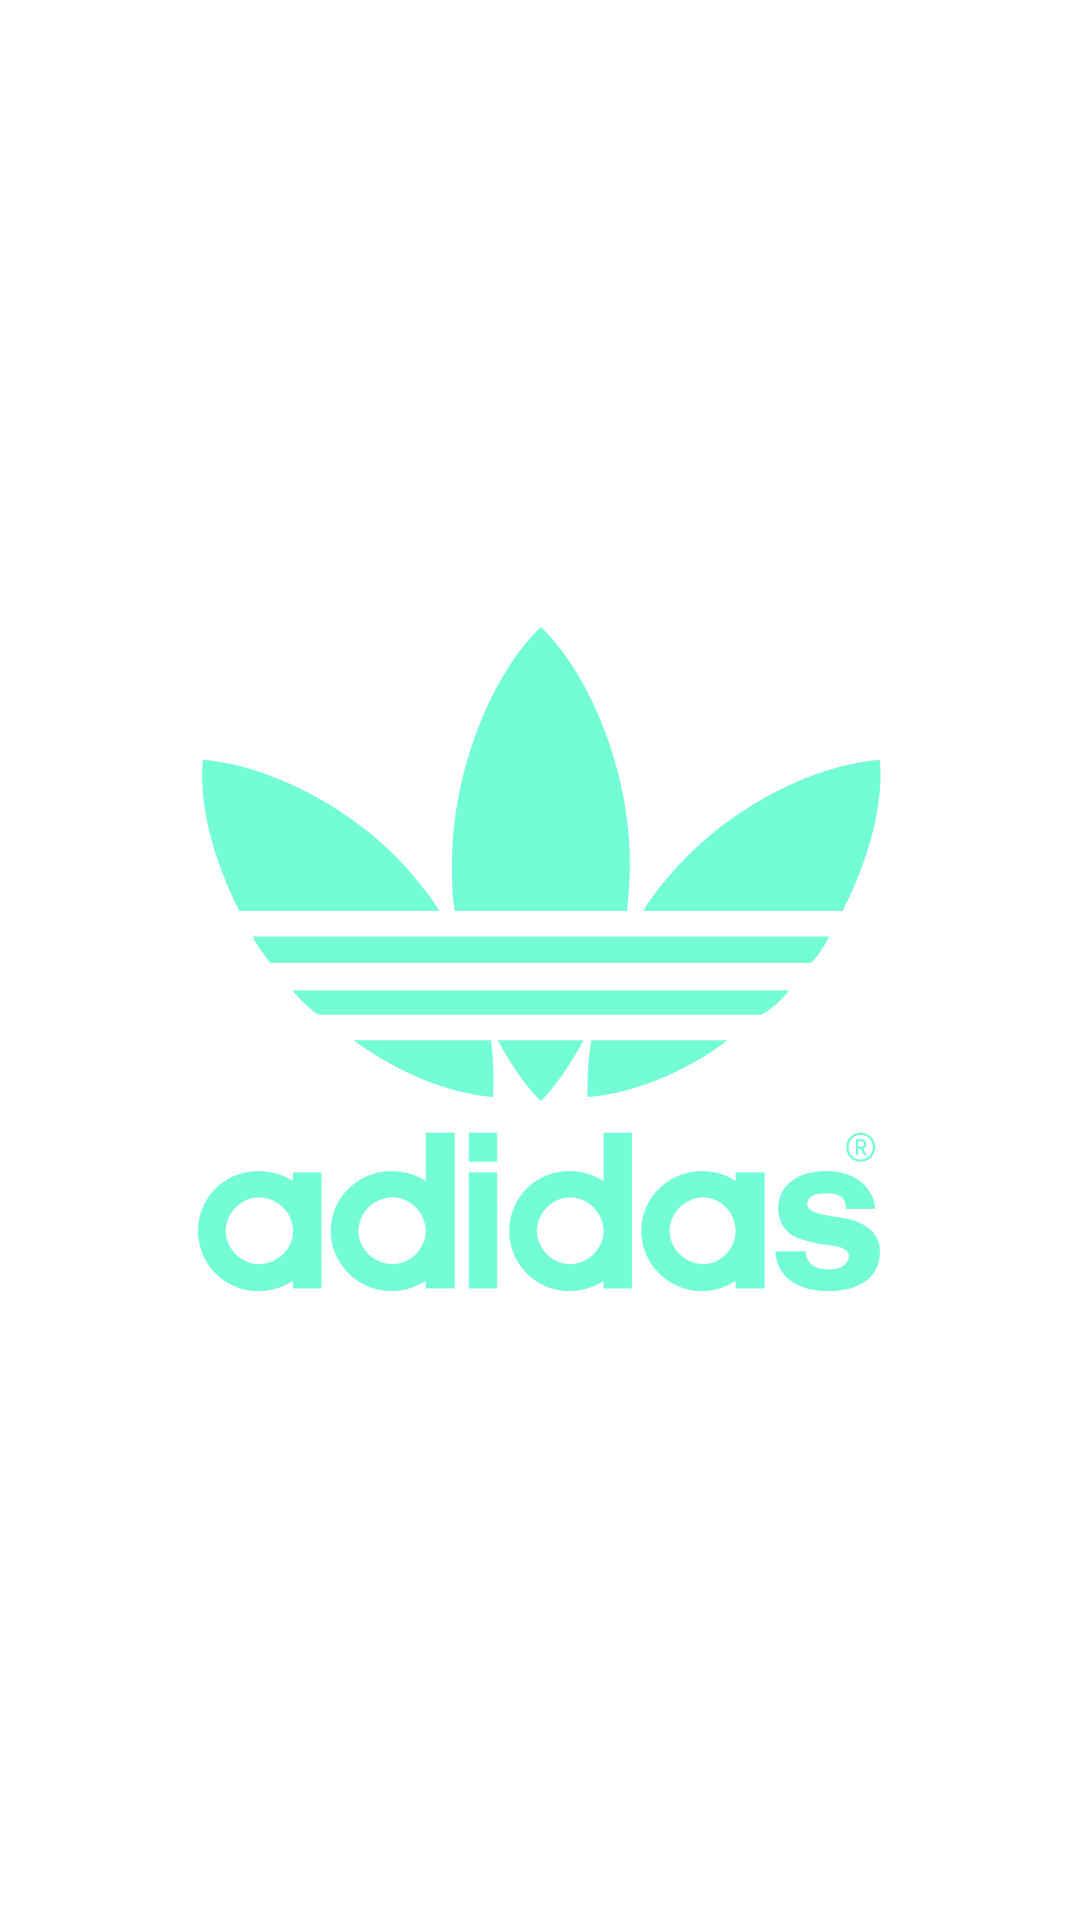 adidas08